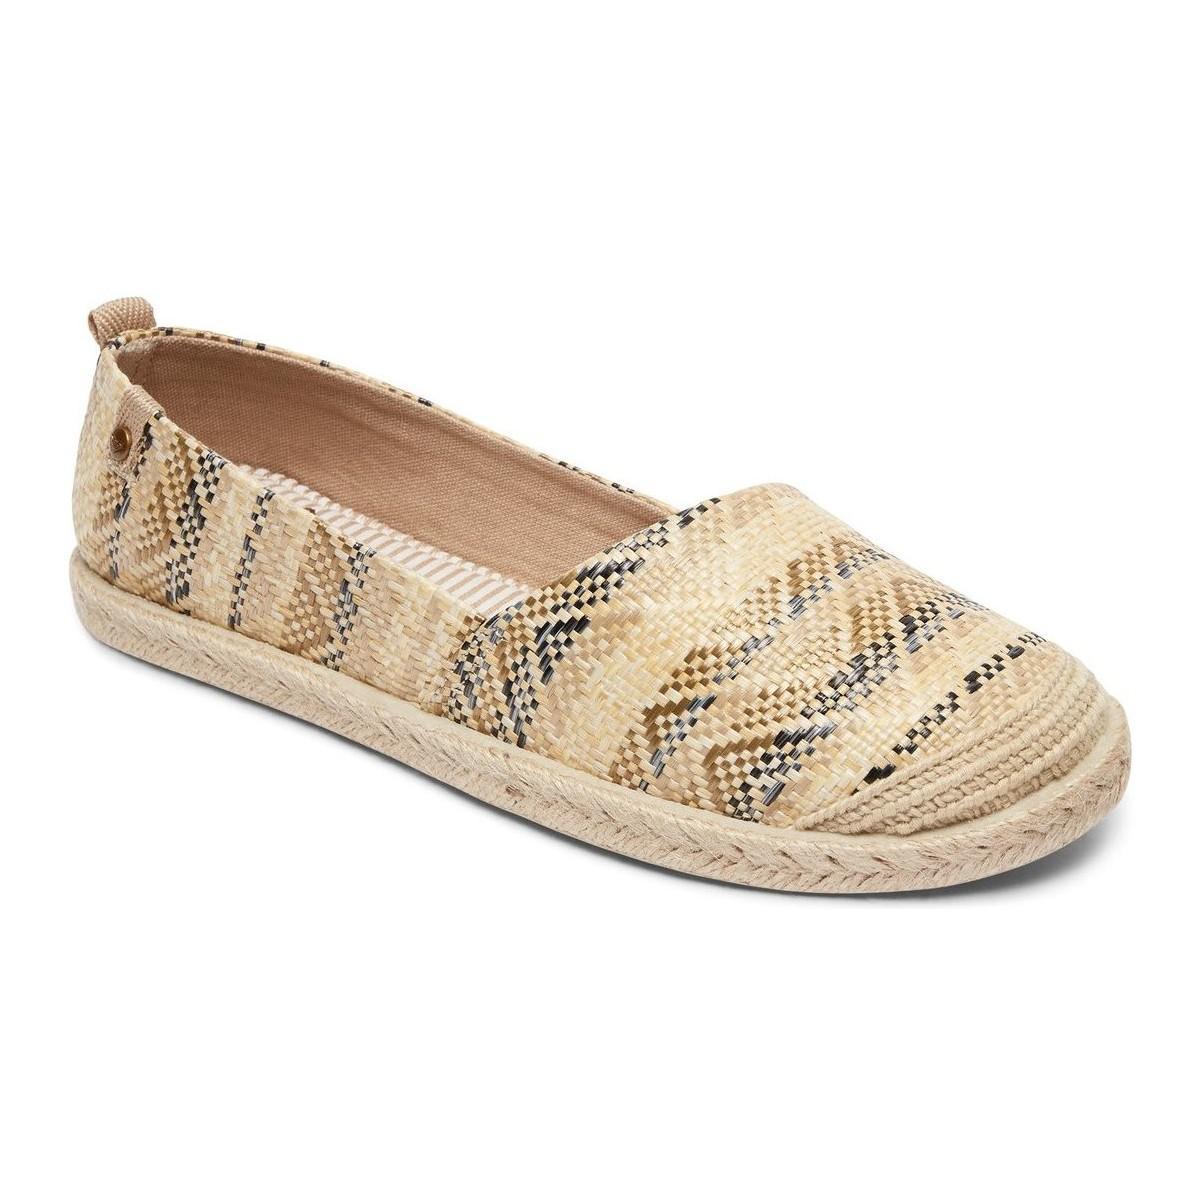 bastante agradable 265df ec6ac Roxy Alpargata-mlt Multicolor Arjs600412 Women's Shoes ...